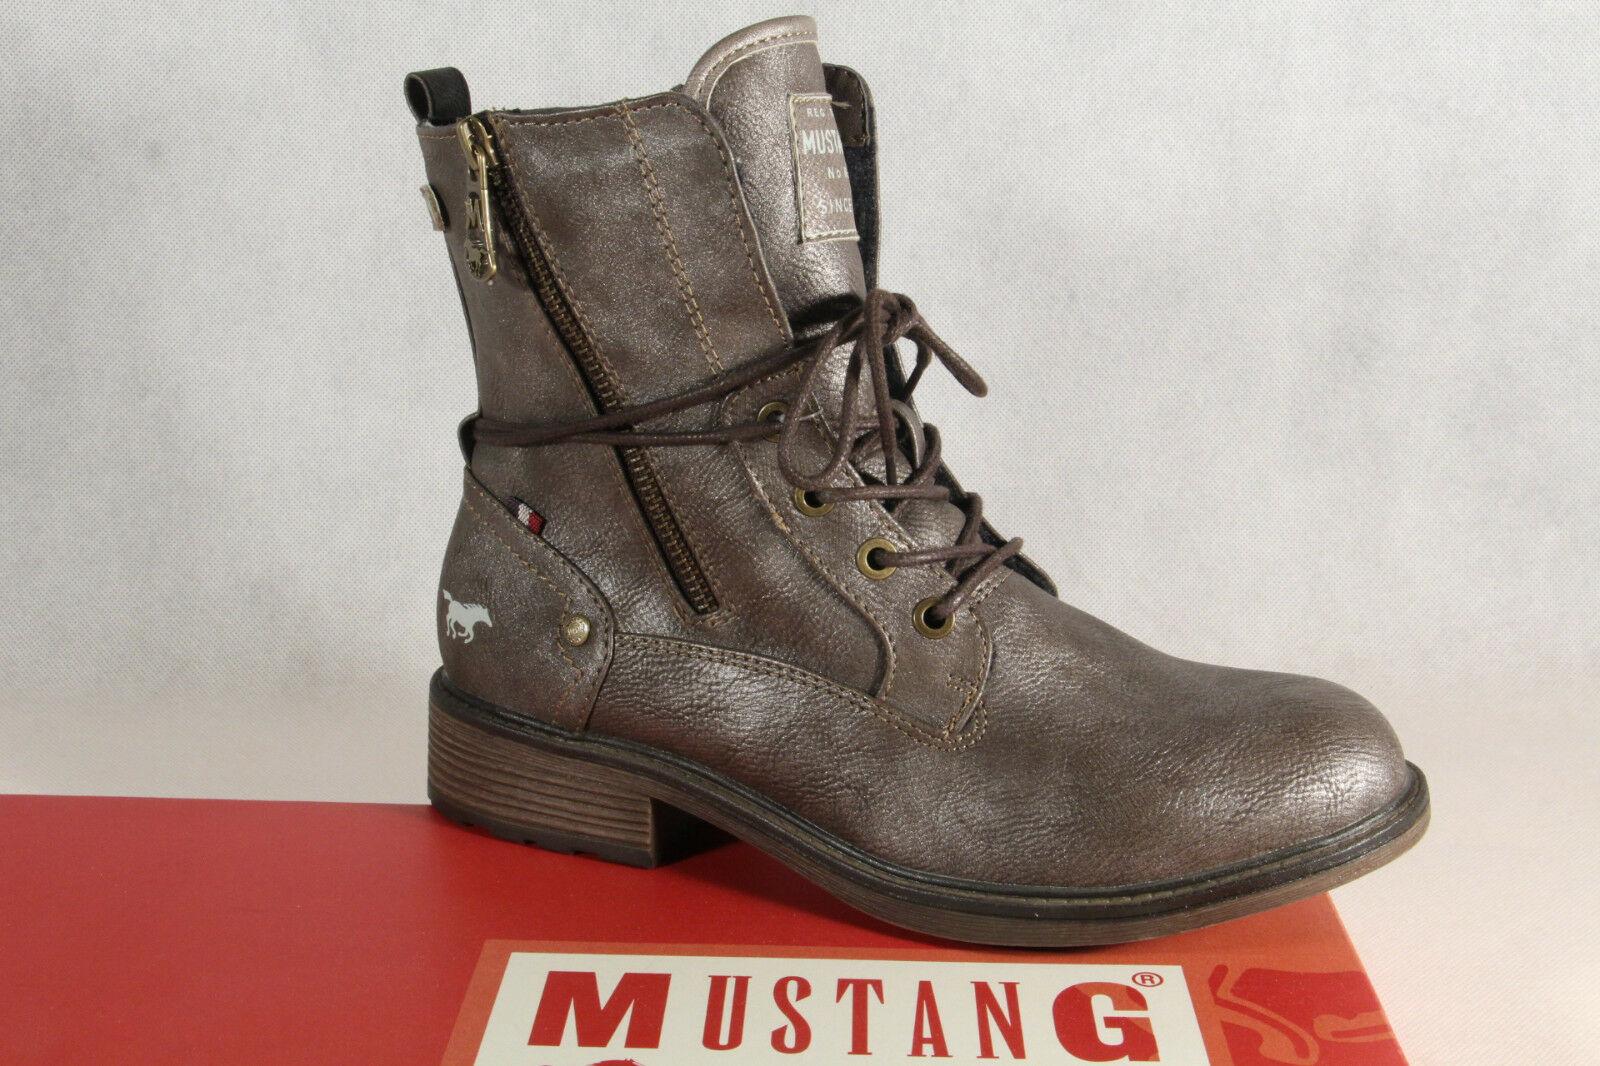 Mustang Stiefel Stiefel Stiefeletten Schnürstiefel Stiefel Stiefel braun metallic 1264 NEU  516436